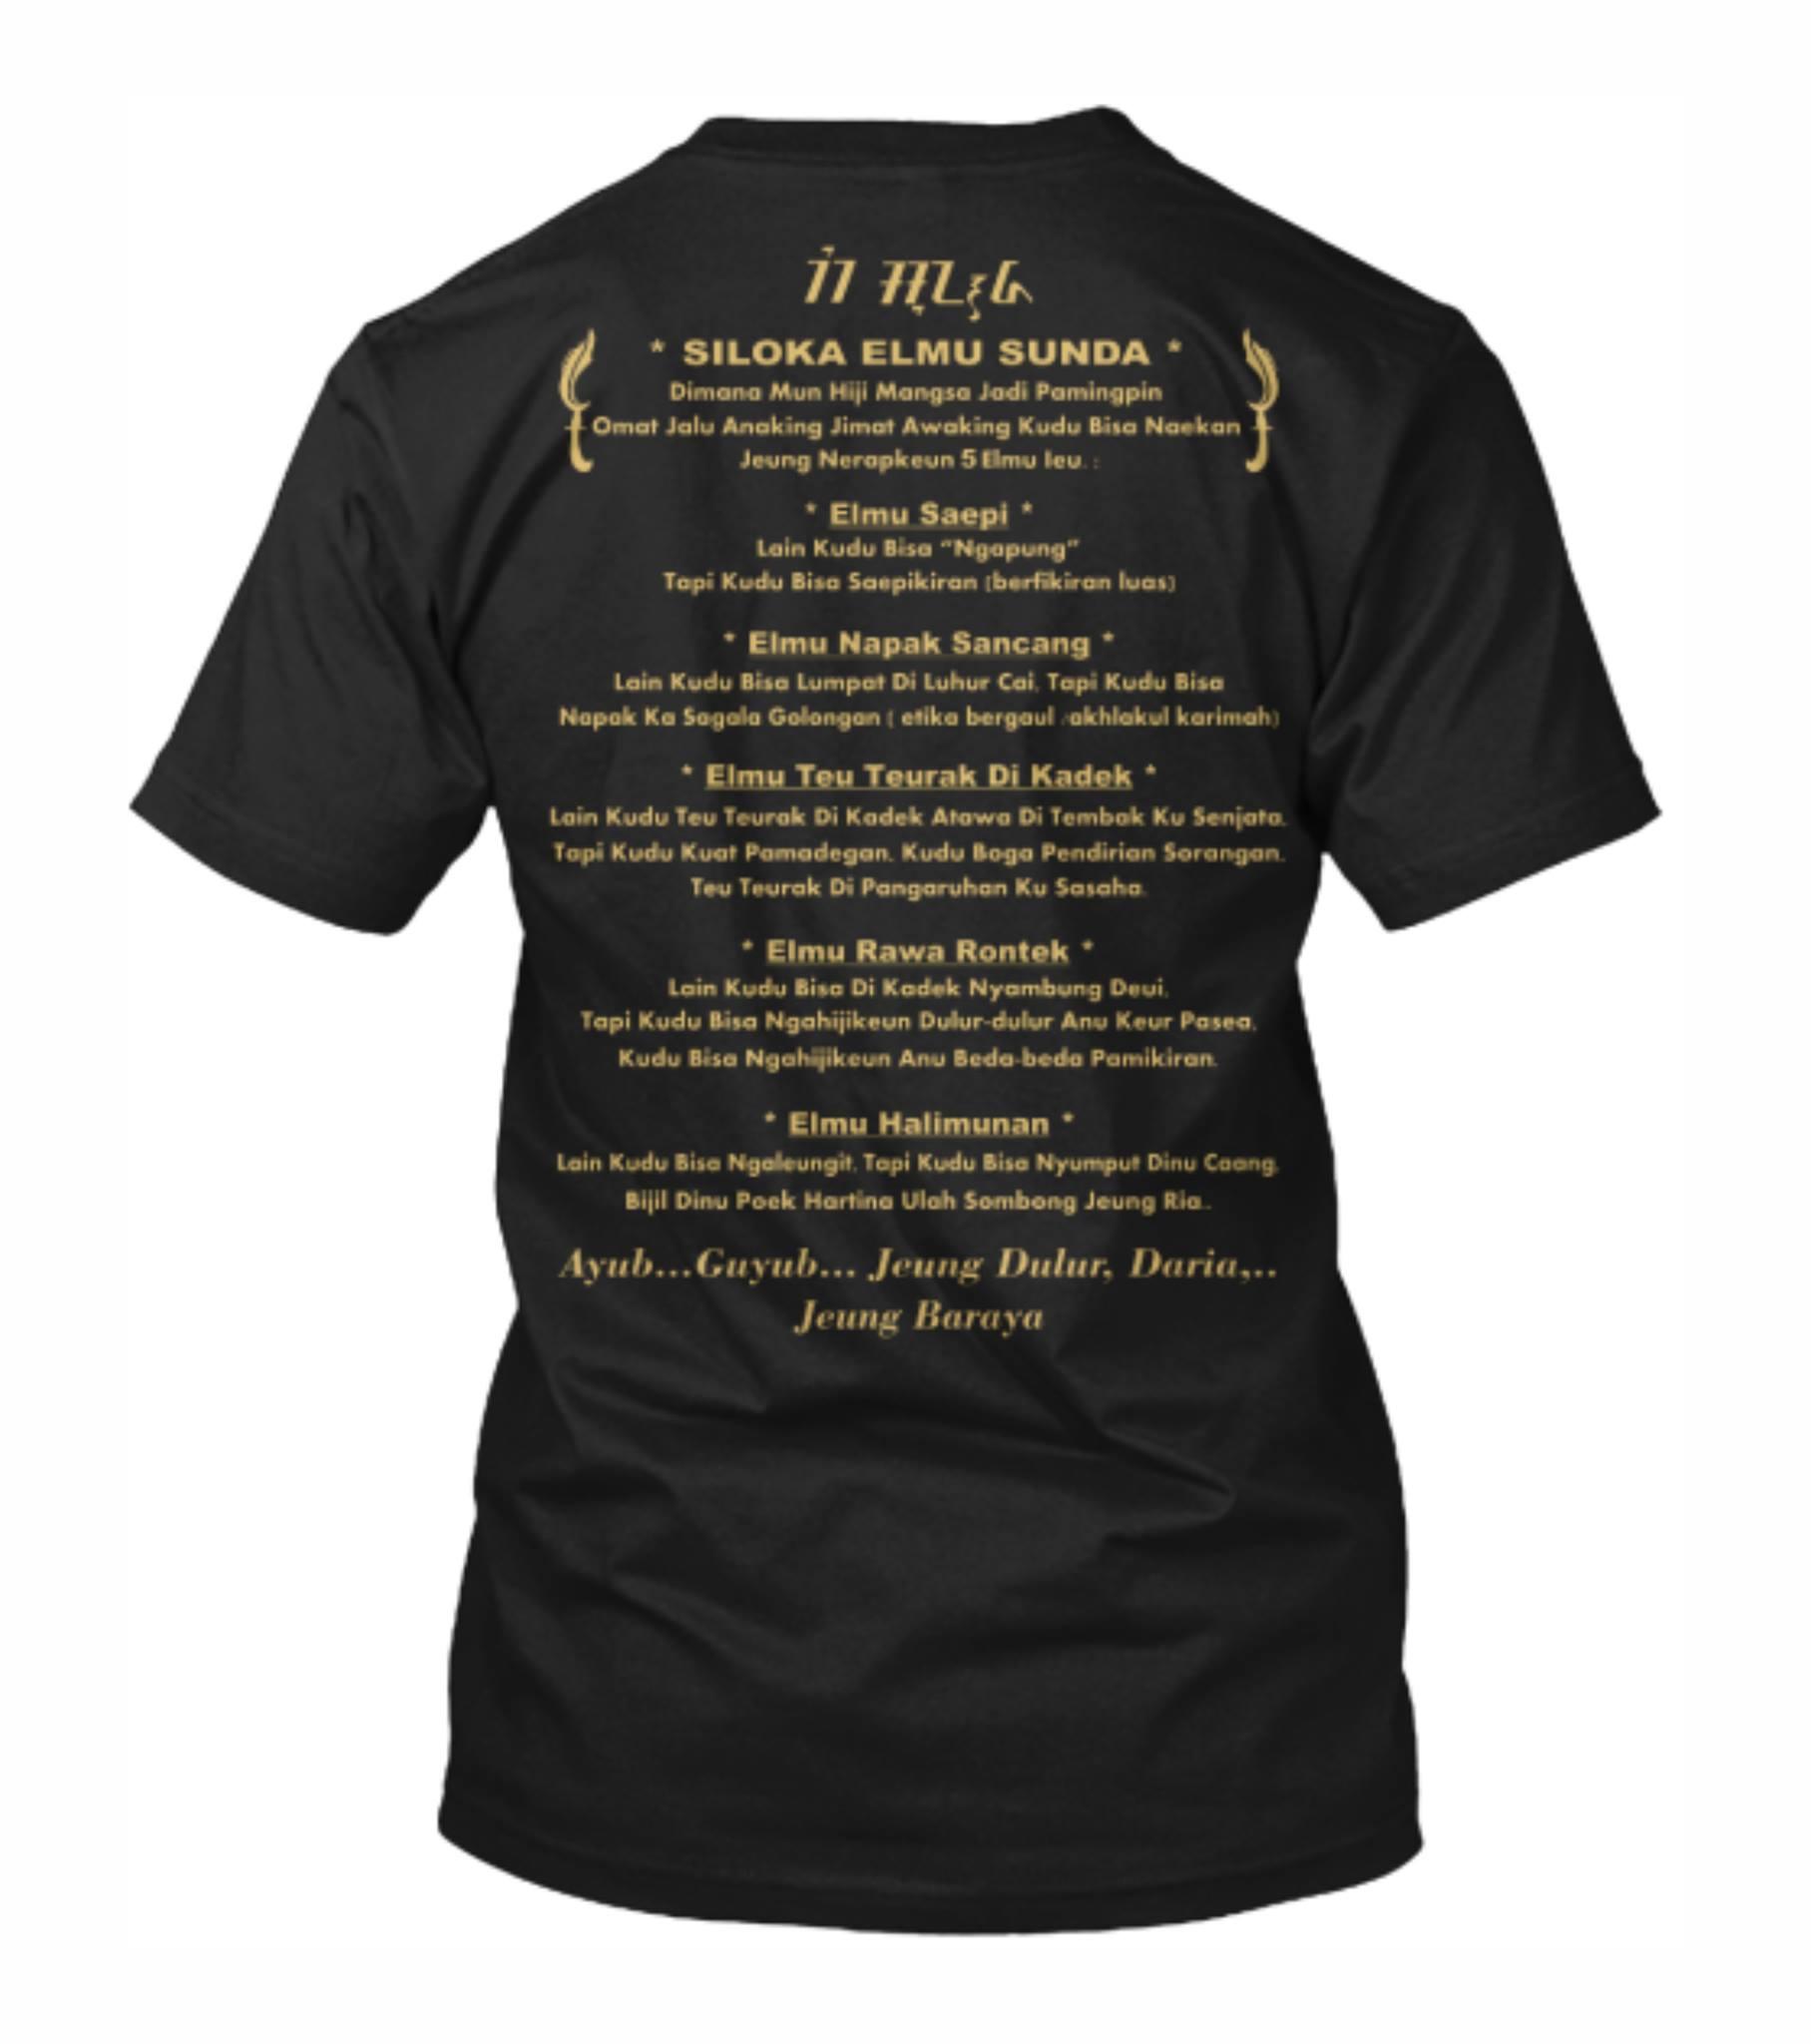 kaos sunda, kaos persib, bobotoh persib, jersey persib, persib online, jadwal persib, info persib,berita persib, bahasa sunda, kamus bahasa sunda, prabu siliwangi, kujang siliwangi, lagu sunda, Pangsi, kujang Kembar, Kerajaan Pajajaran, Sunda Kuno, Makam Prabu Siliwangi, Silsilah Prabu siliwangi, Totopong Sunda, iket sunda, baju sunda, Getih Sunda. jatidiri sunda, siloka sunda, kisunda